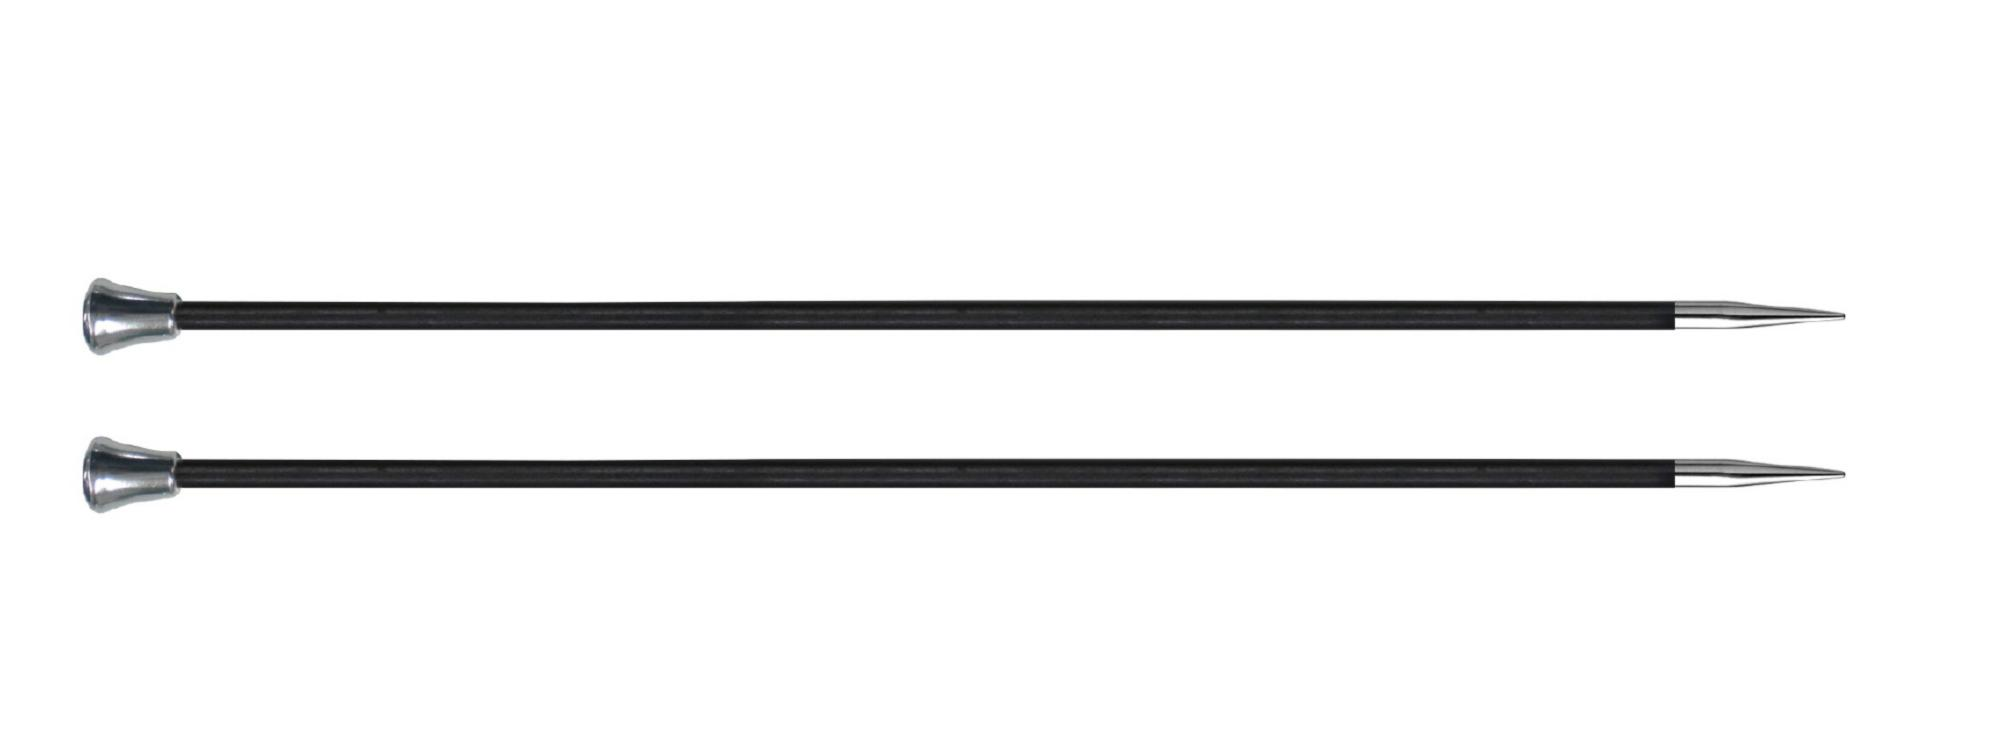 Спицы прямые 25 см Karbonz KnitPro, 41250, 2.00 мм